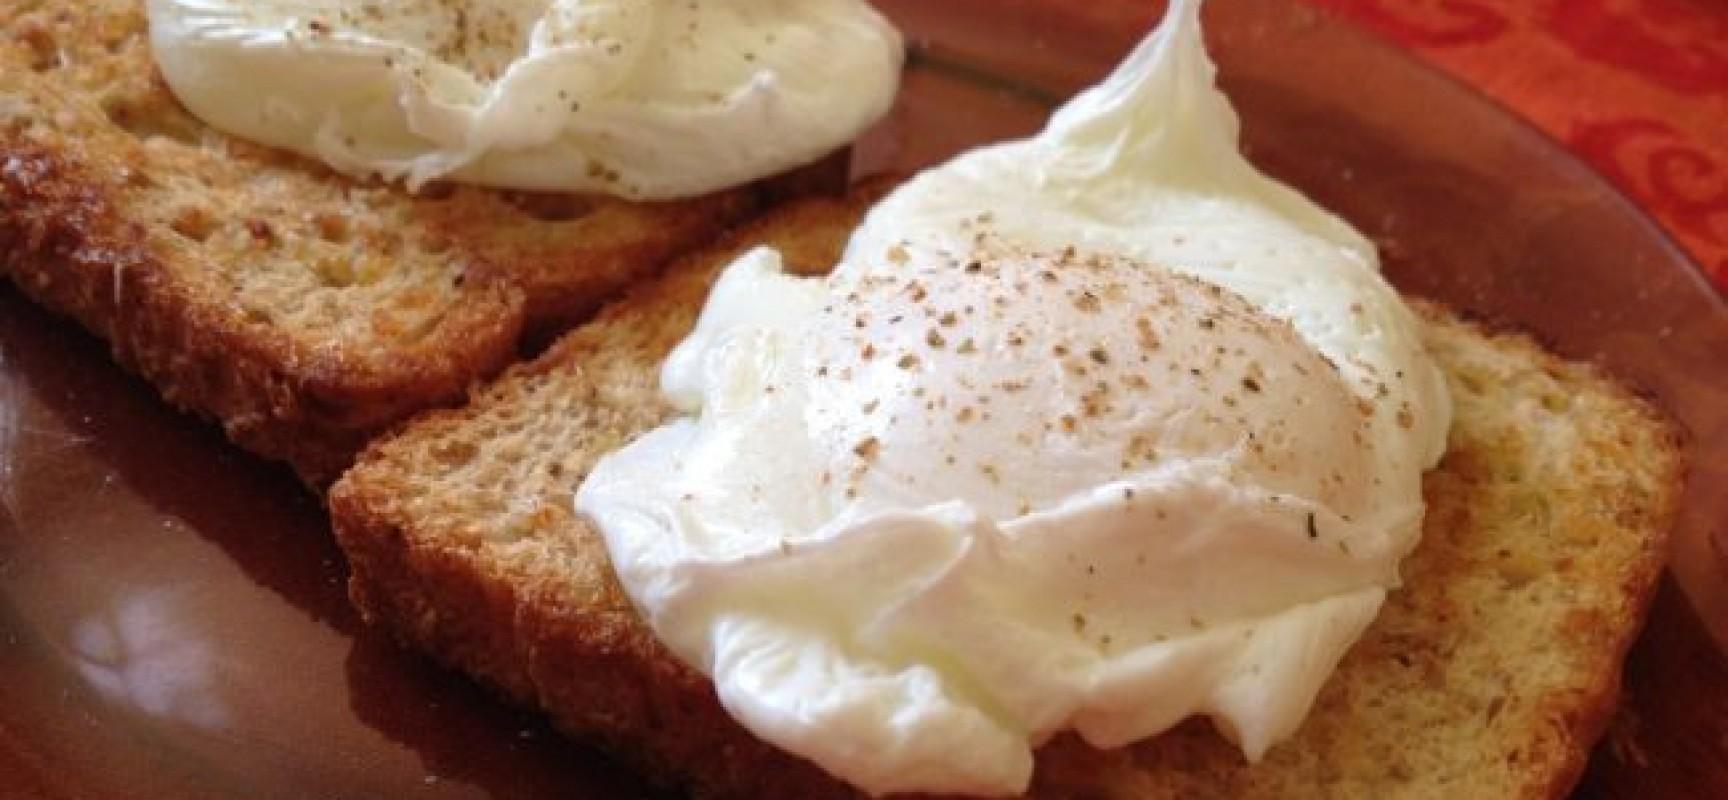 Ovos pochê com torradas integrais amanteigadas